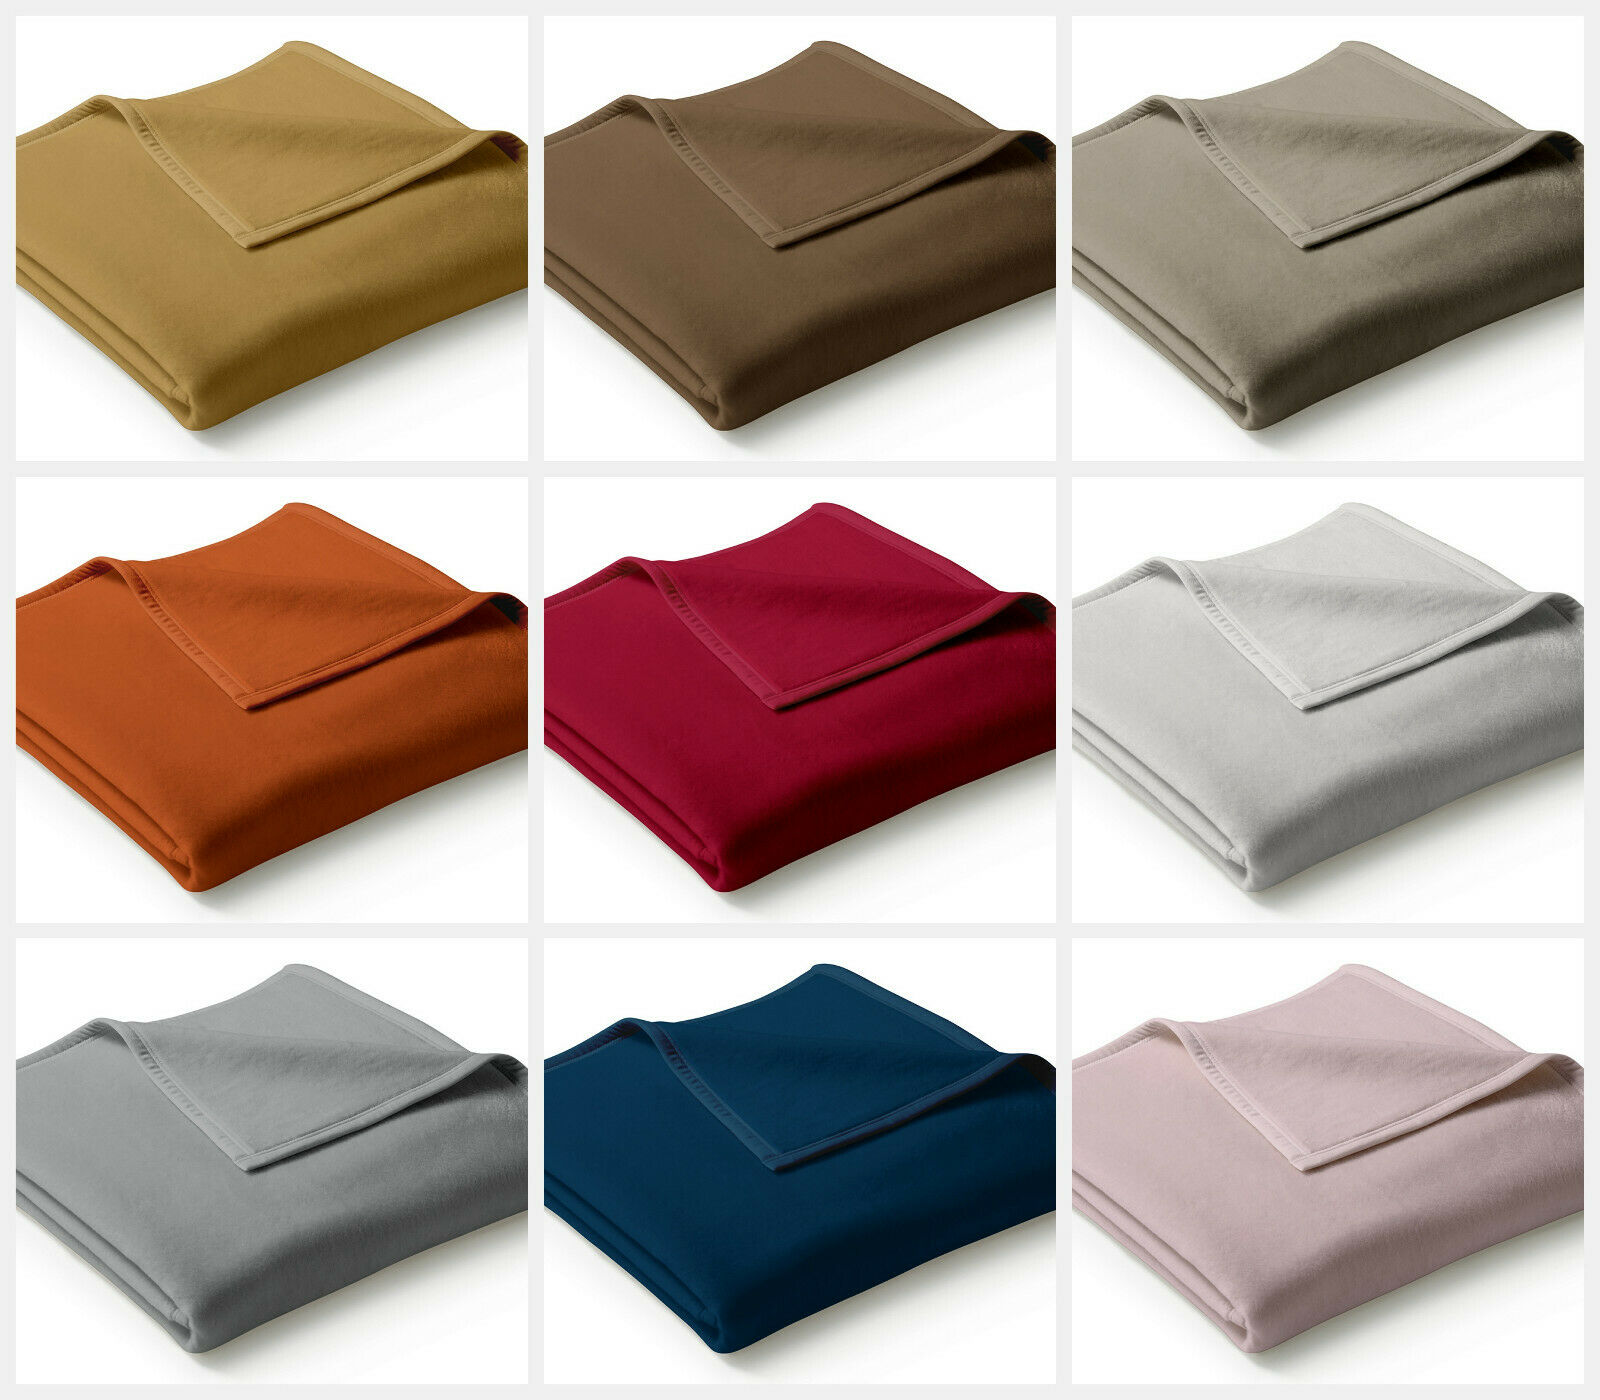 Neue Biederlack Decke Wohndecke Uno Cotton 150x200 verschiedene Farben